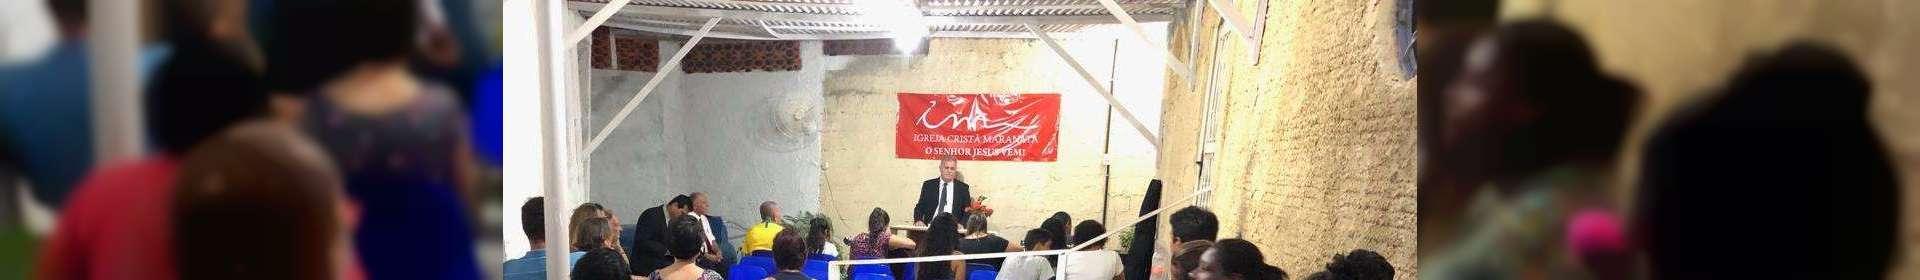 Pontos de Pregação ligados à igreja de Recreio dos Bandeirantes (RJ) geram resultados para Obra do Senhor Jesus